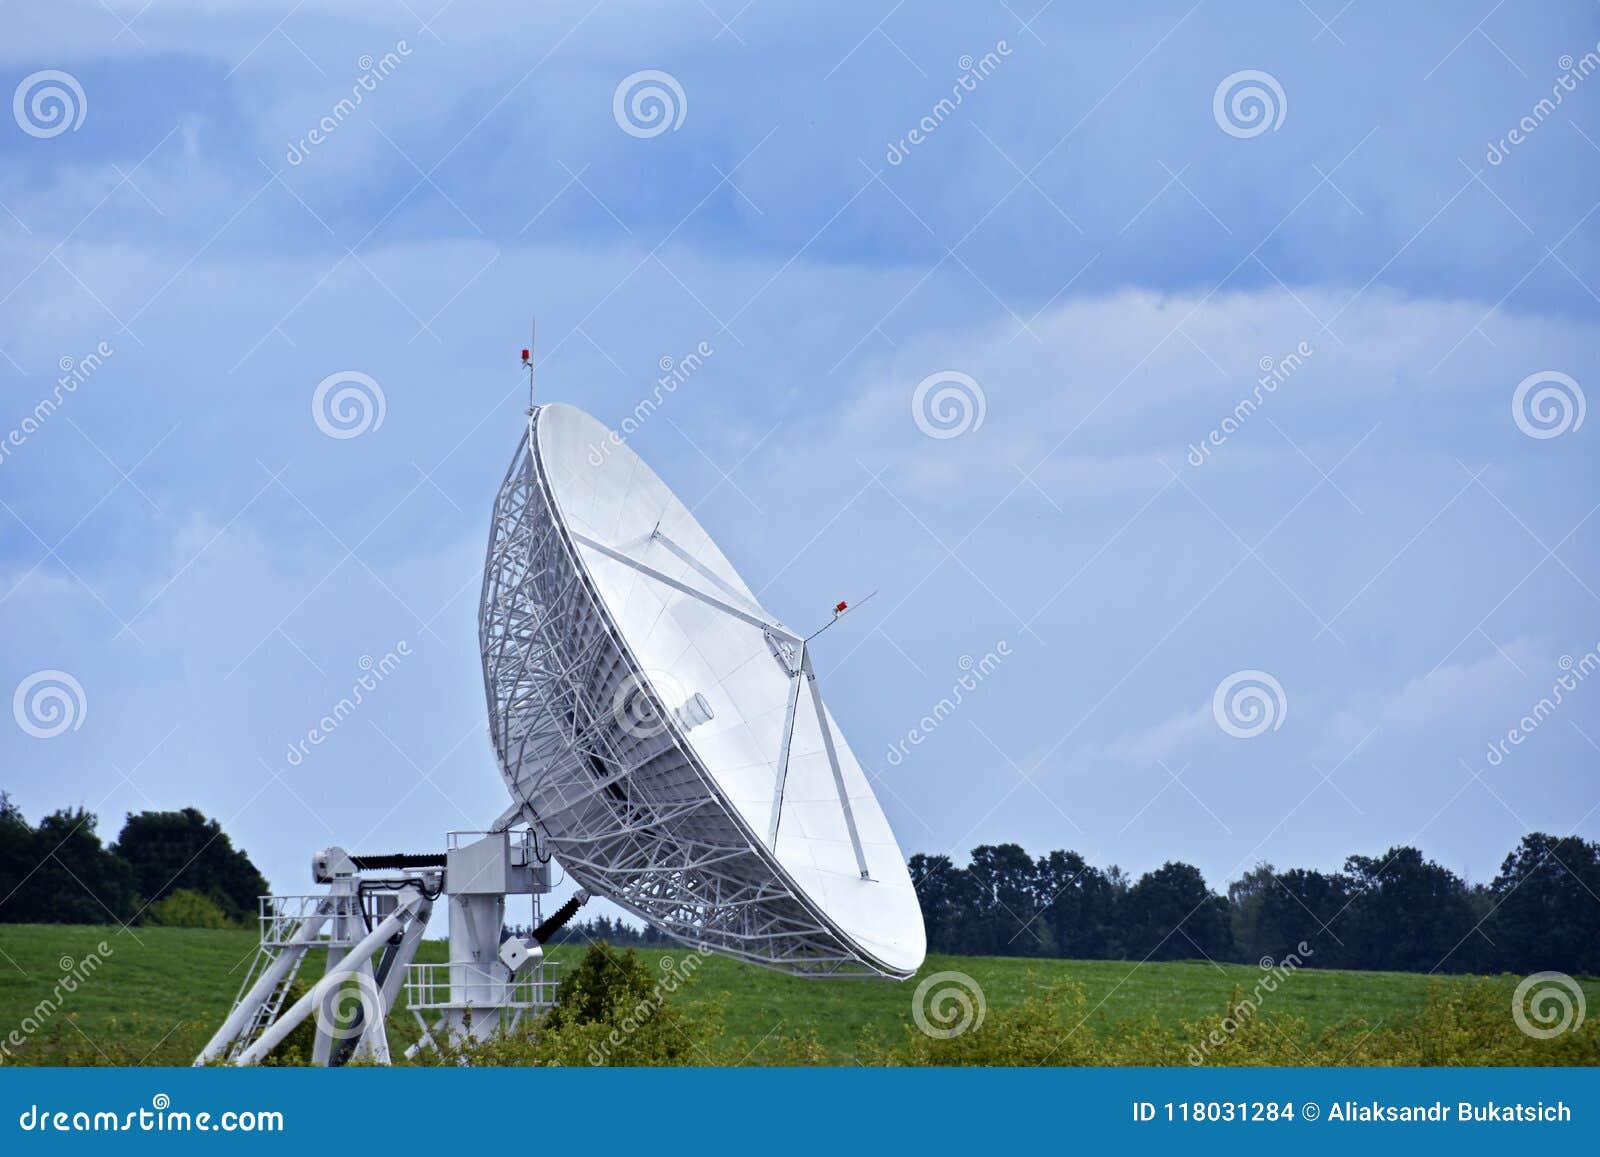 La Antena Parabólica Grande En El Campo Para Recibir Y Transmitir La Señal  De La TV Y La Transferencia De Datos Al Satélite, Tele Foto de archivo -  Imagen de campo, datos: